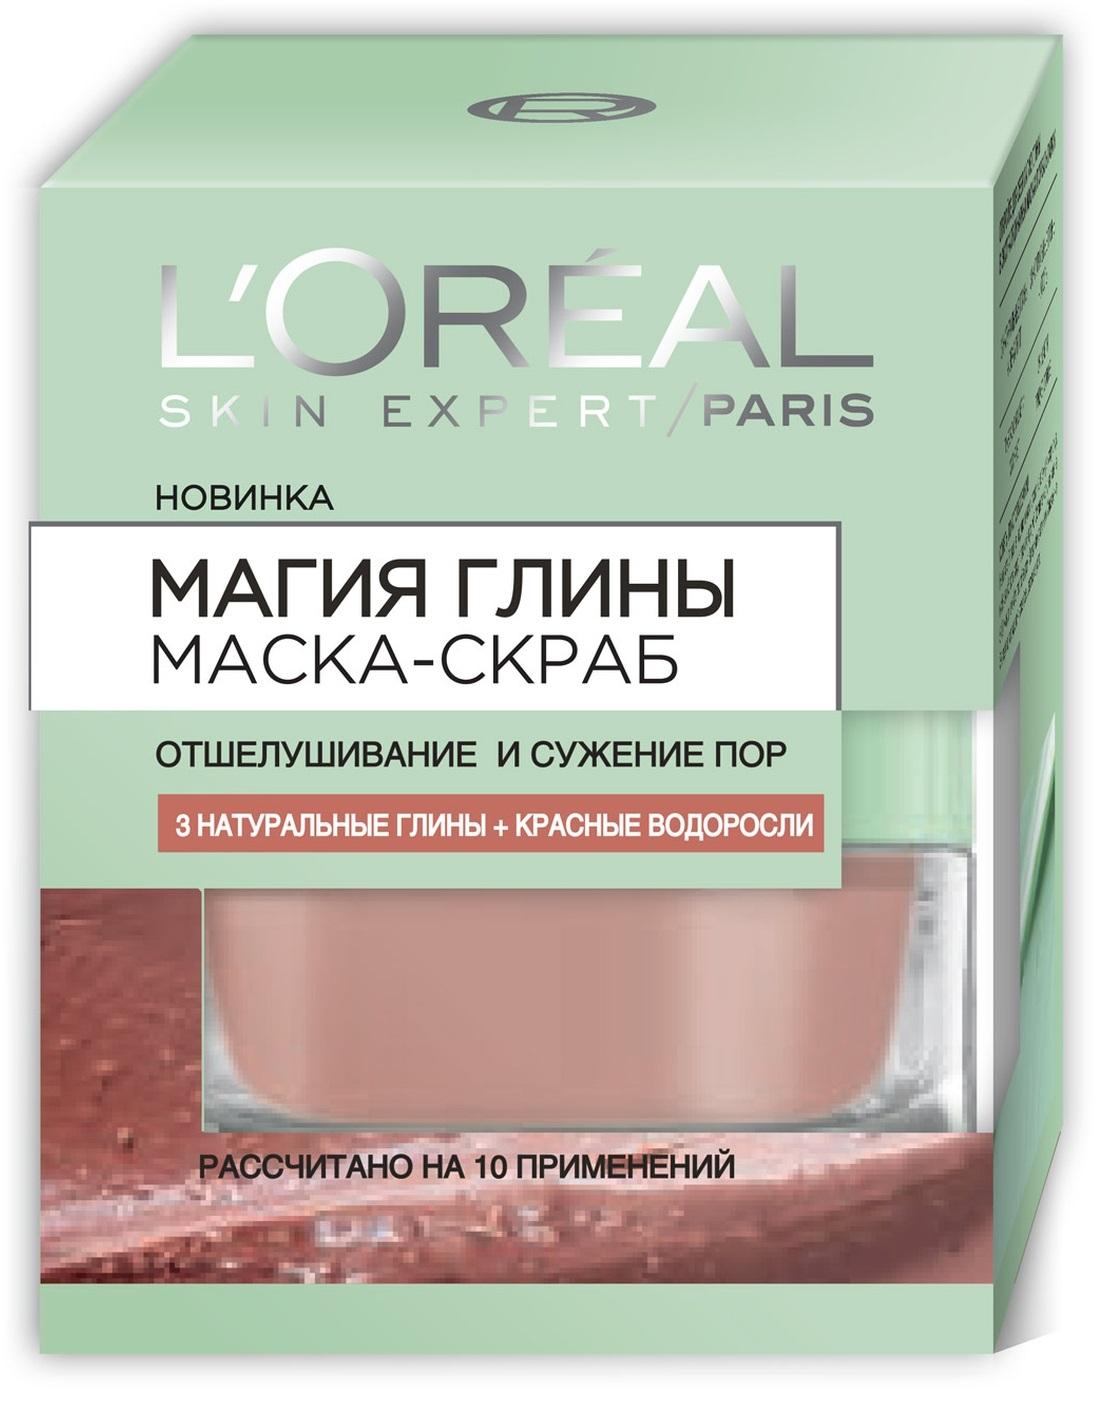 """L'Oreal Paris Маска-скраб для лица """"Магия Глины"""" отшелушивание и сужение пор, для всех типов кожи, 50 мл"""